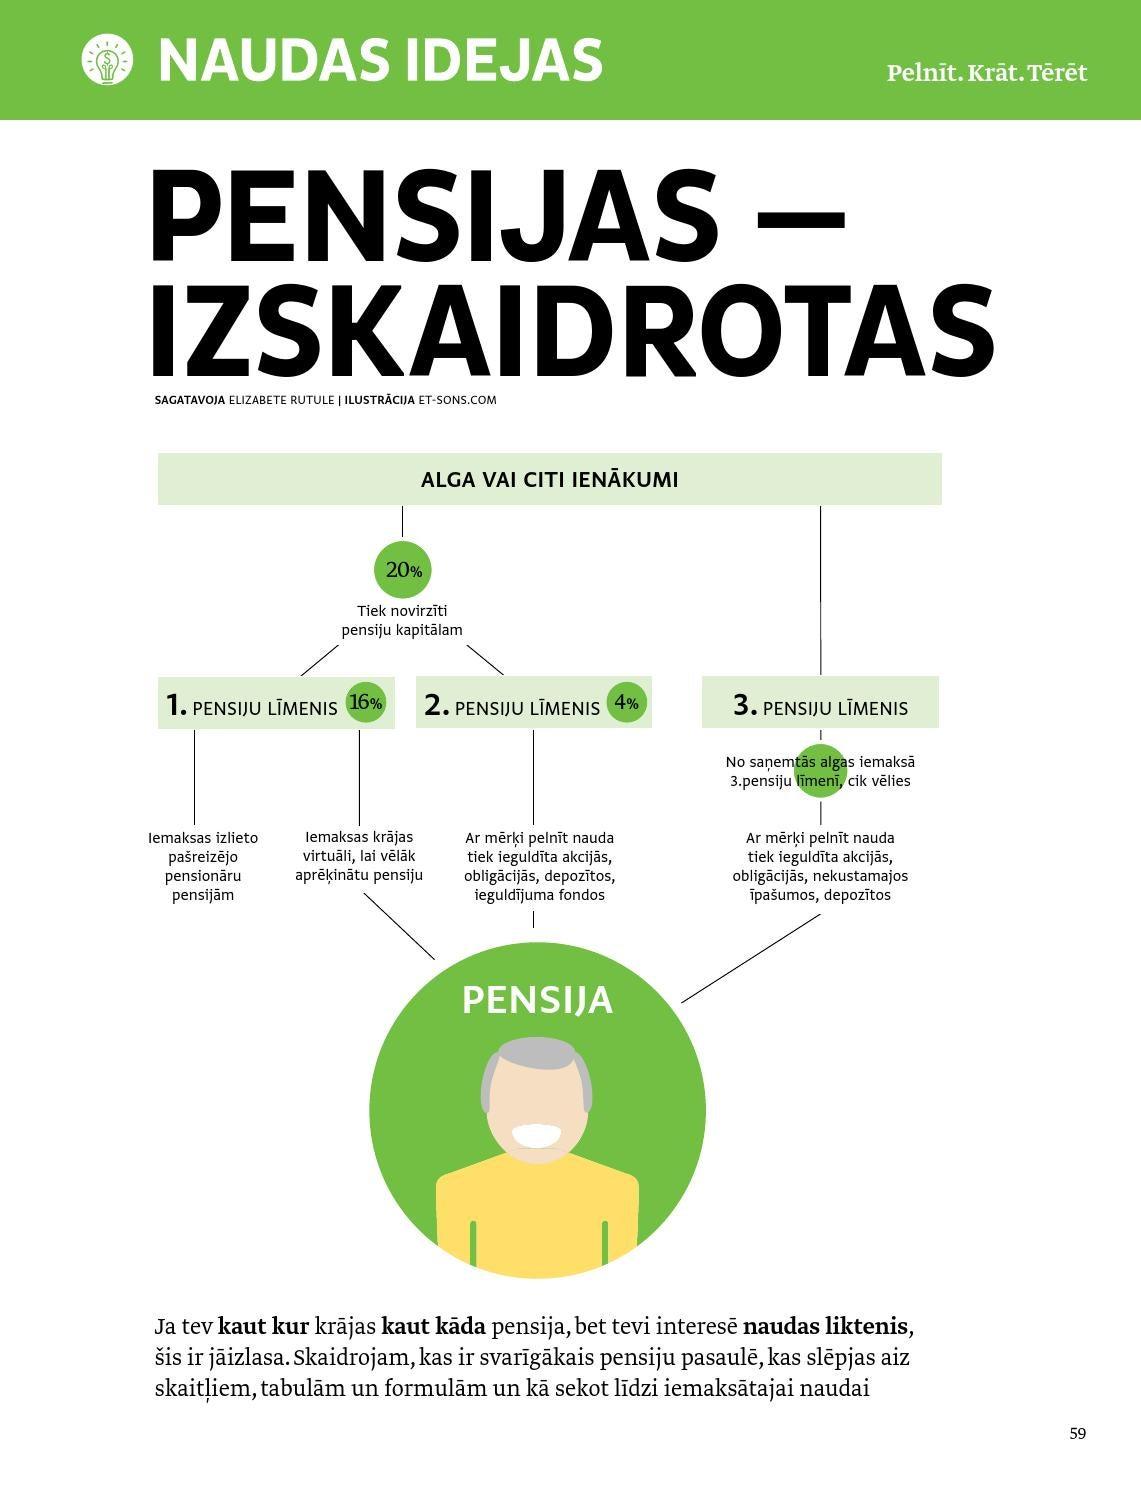 kā pensionārs var nopelnīt naudu tiešsaistē